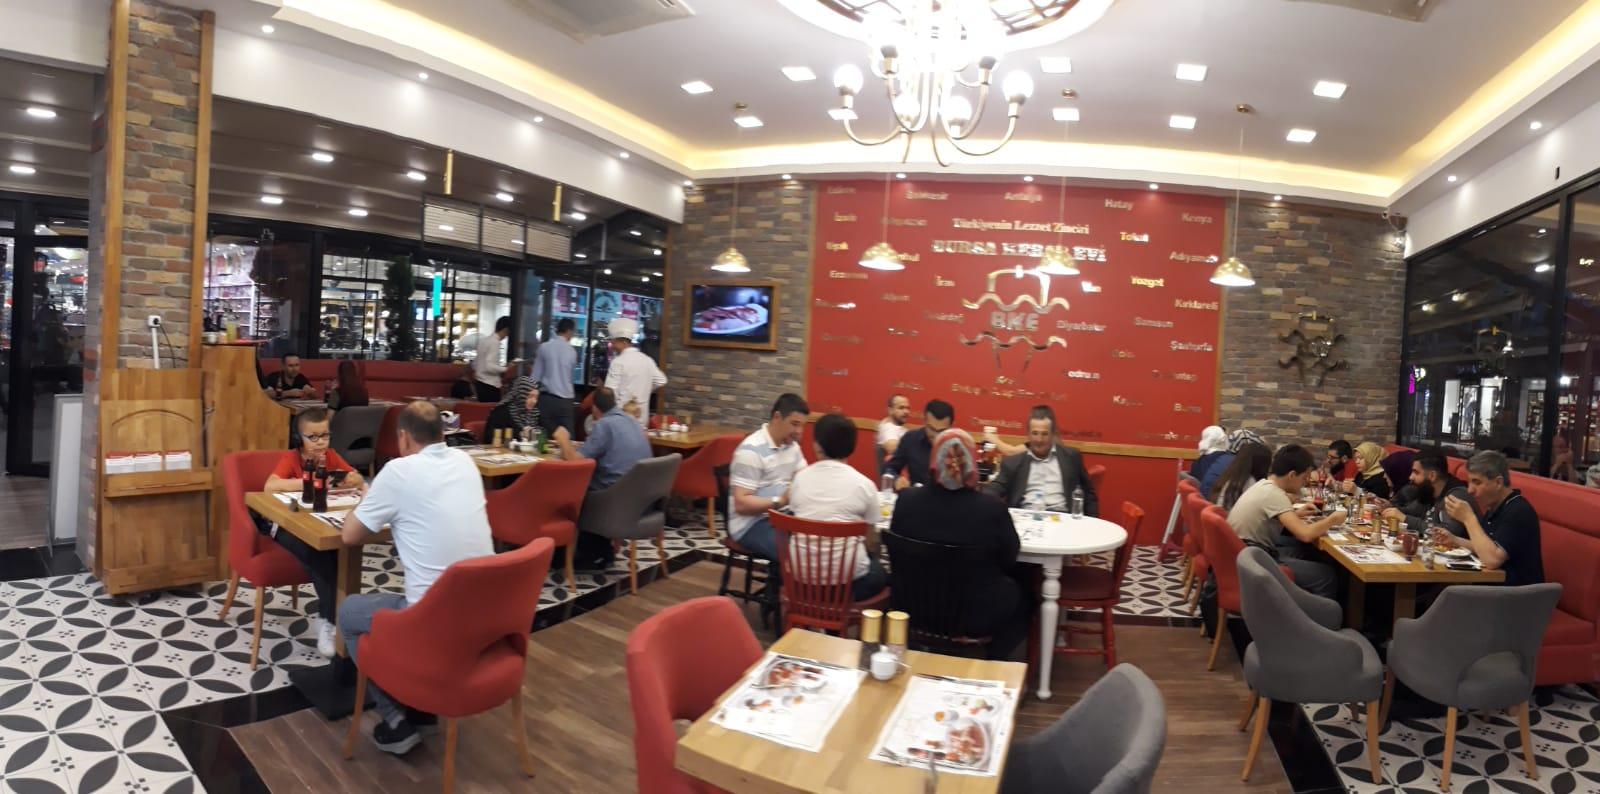 Bursa Kebap Evi 99'uncu şubesini Edirne'de açtı